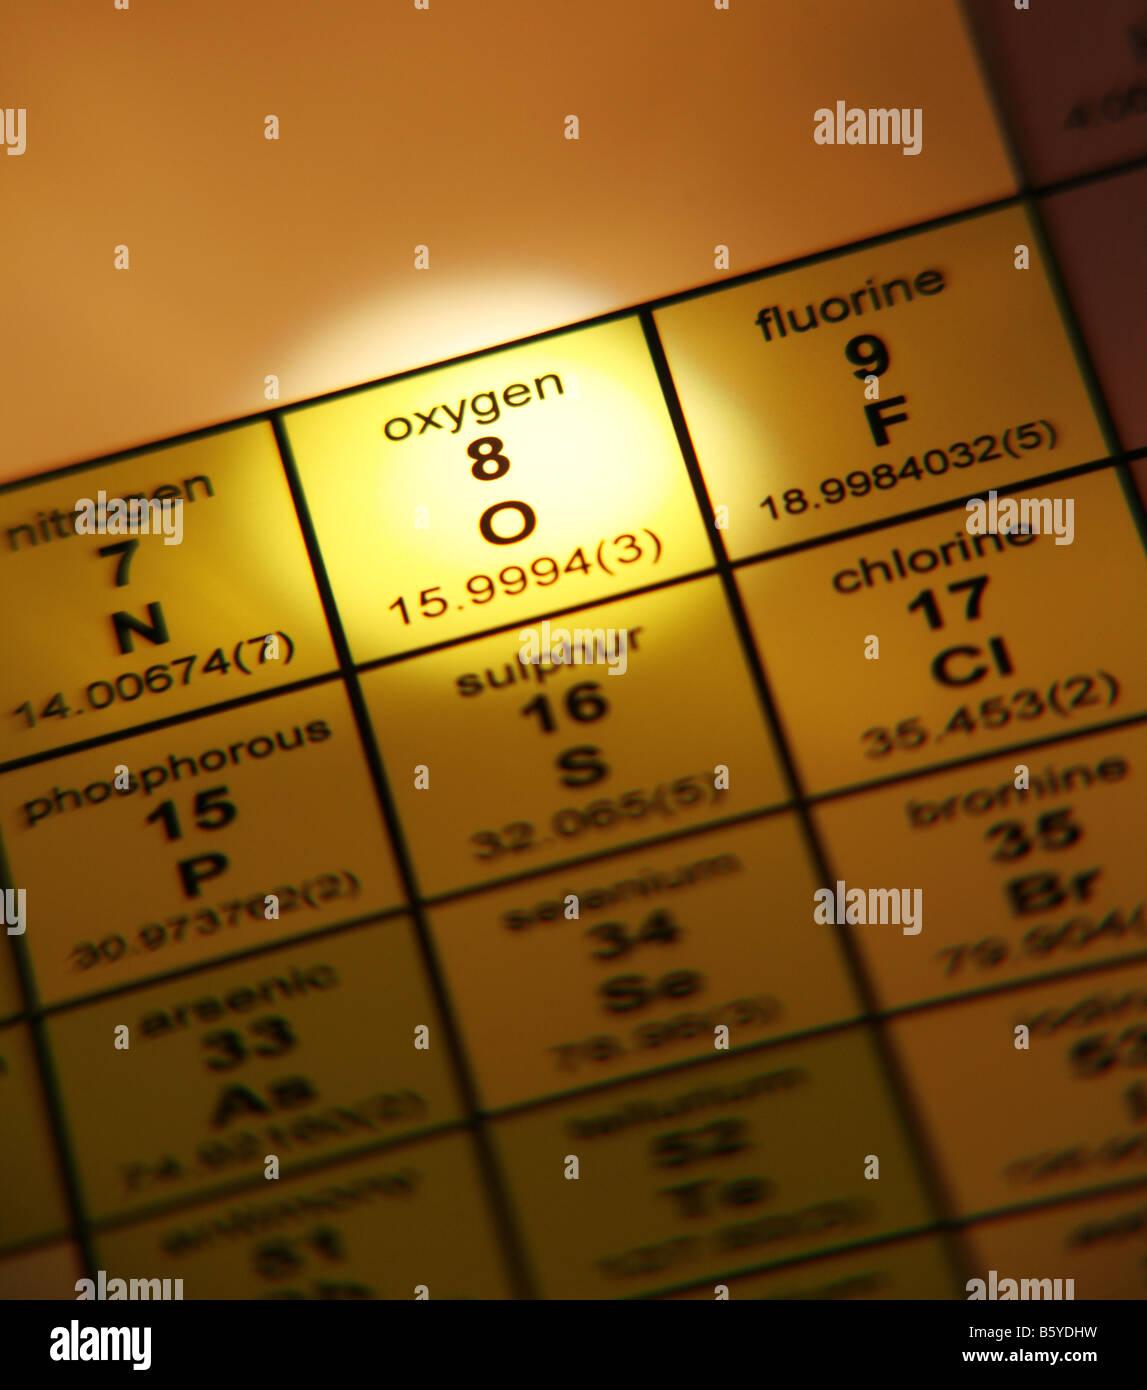 Tabla peridica de los elementos oxgeno foto imagen de stock tabla peridica de los elementos oxgeno urtaz Images